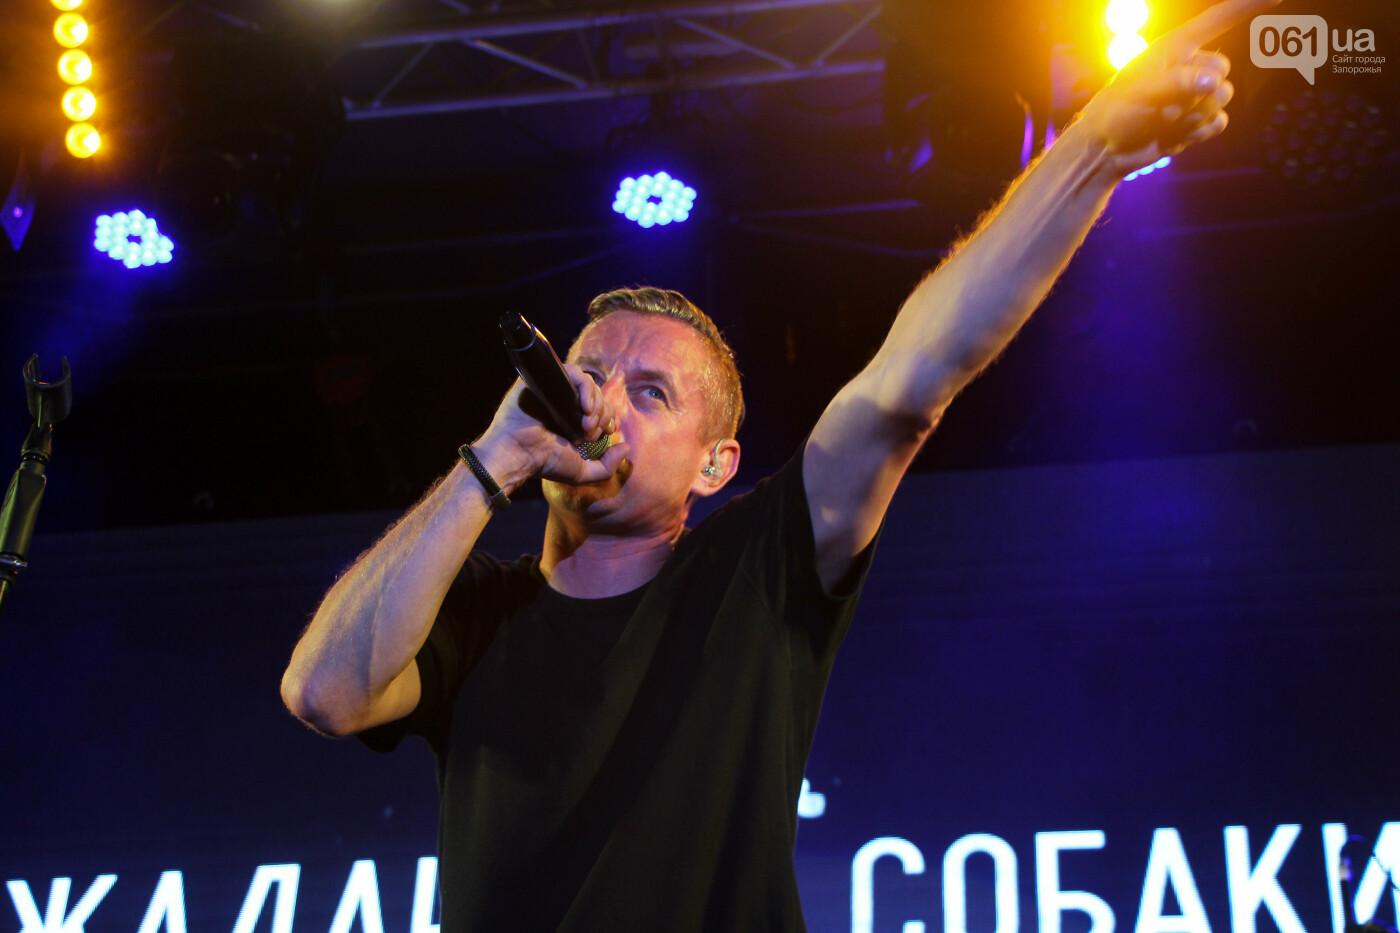 Концерт группы «Жадан і Собаки» собрал сотни запорожцев: как это было, - ФОТОРЕПОРТАЖ, фото-10